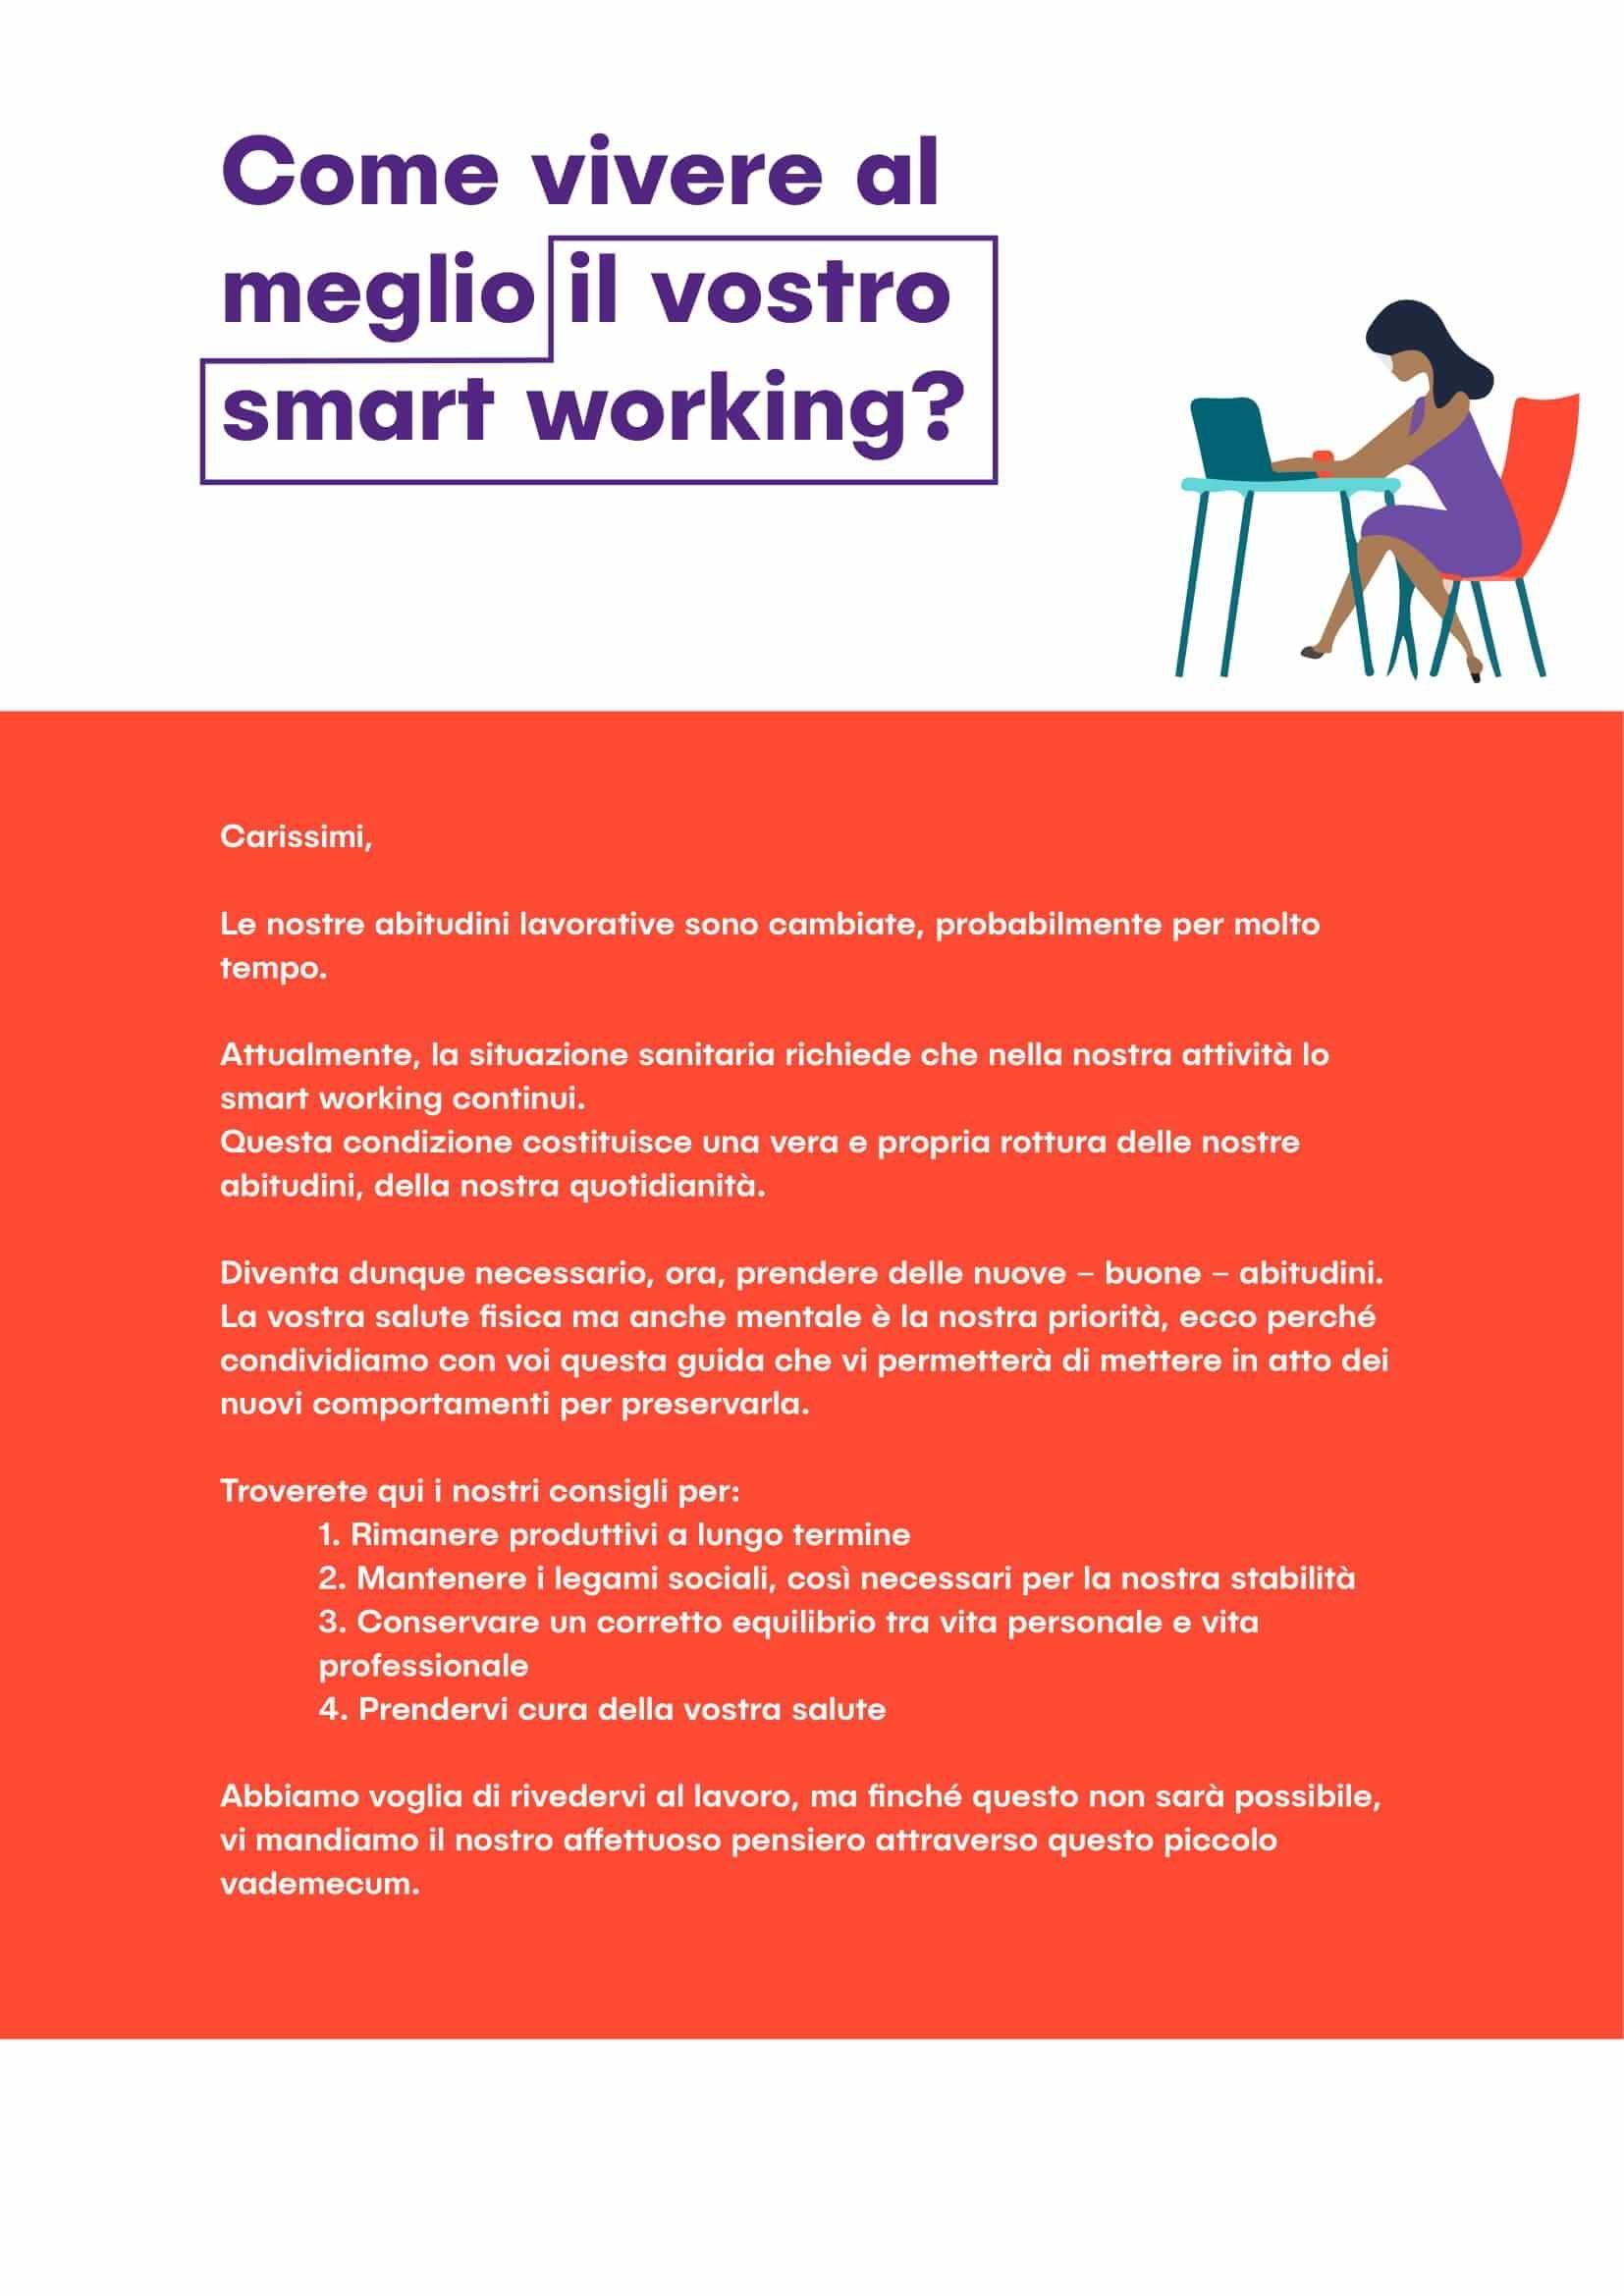 Come Vivere Al Meglio Lo Smart Working 2